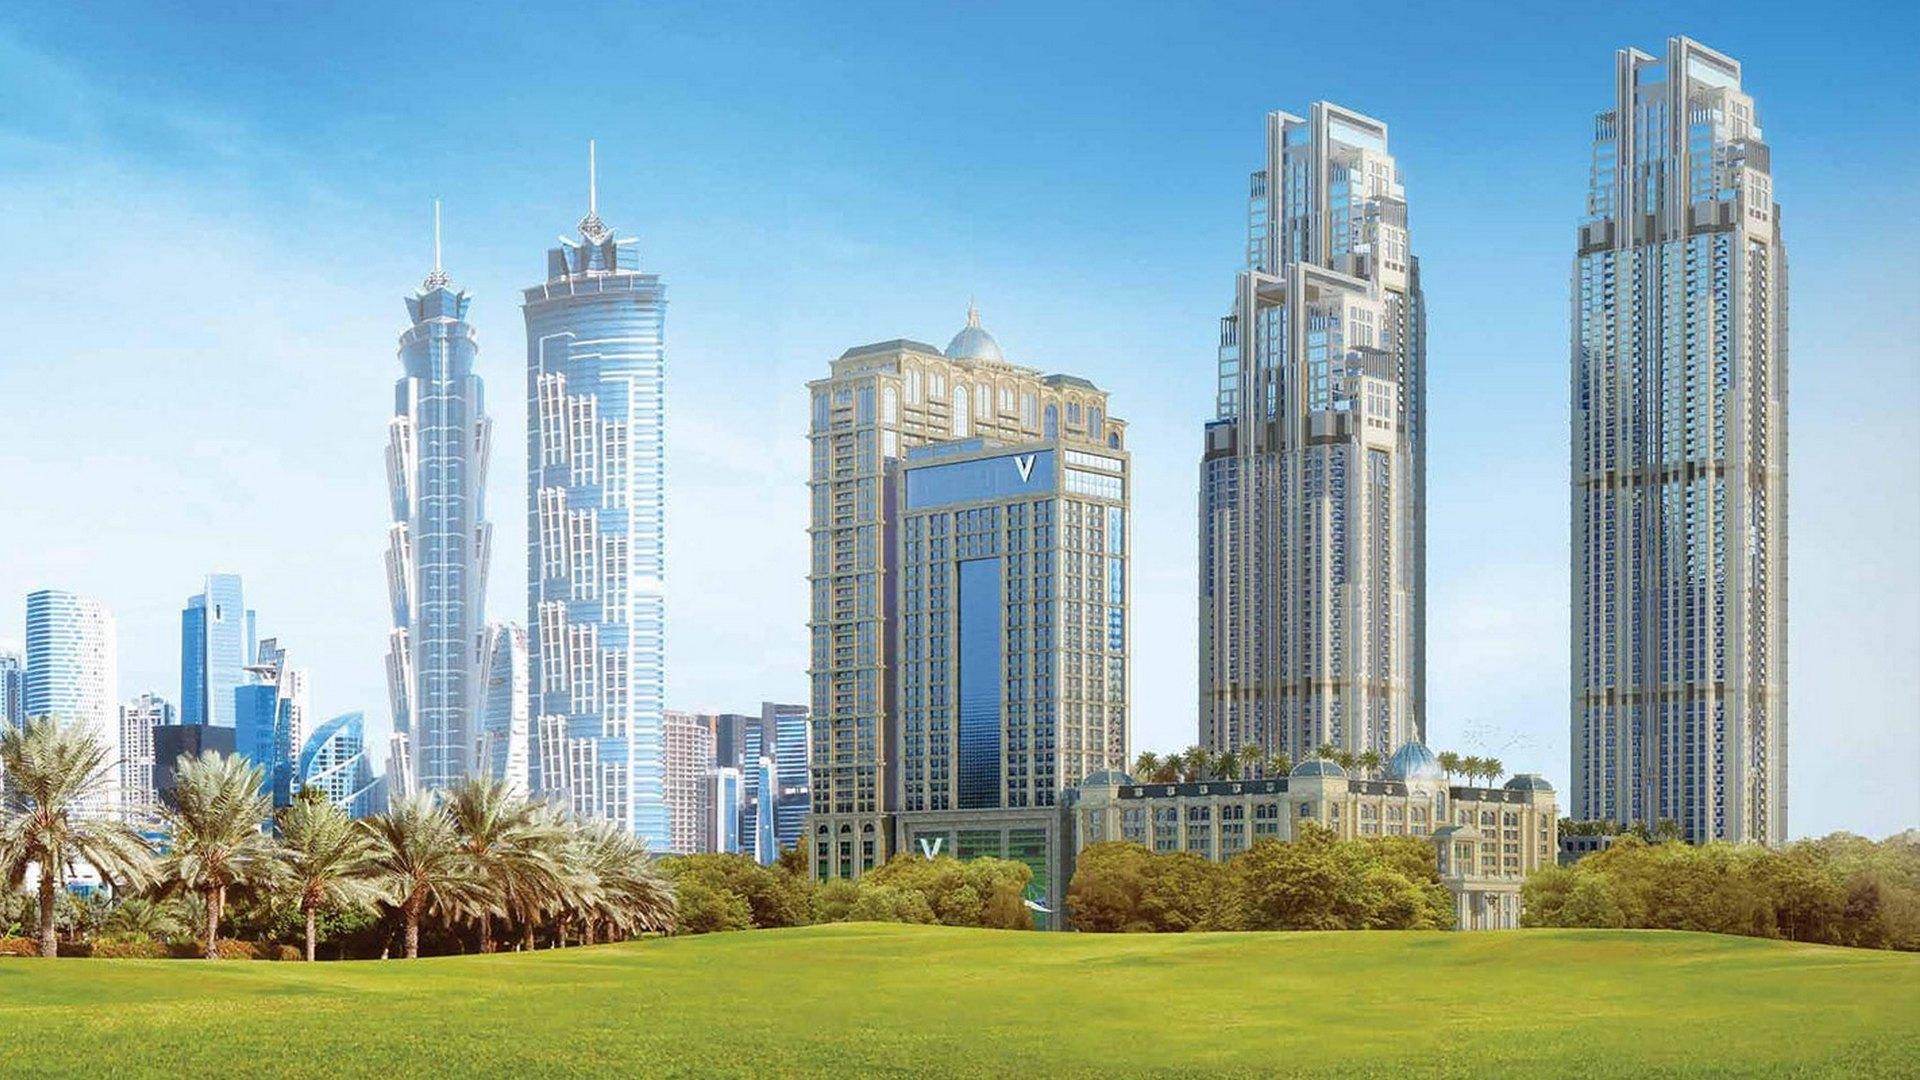 Ático en venta en Dubai, EAU, 7 dormitorios, 2724 m2, № 24064 – foto 7